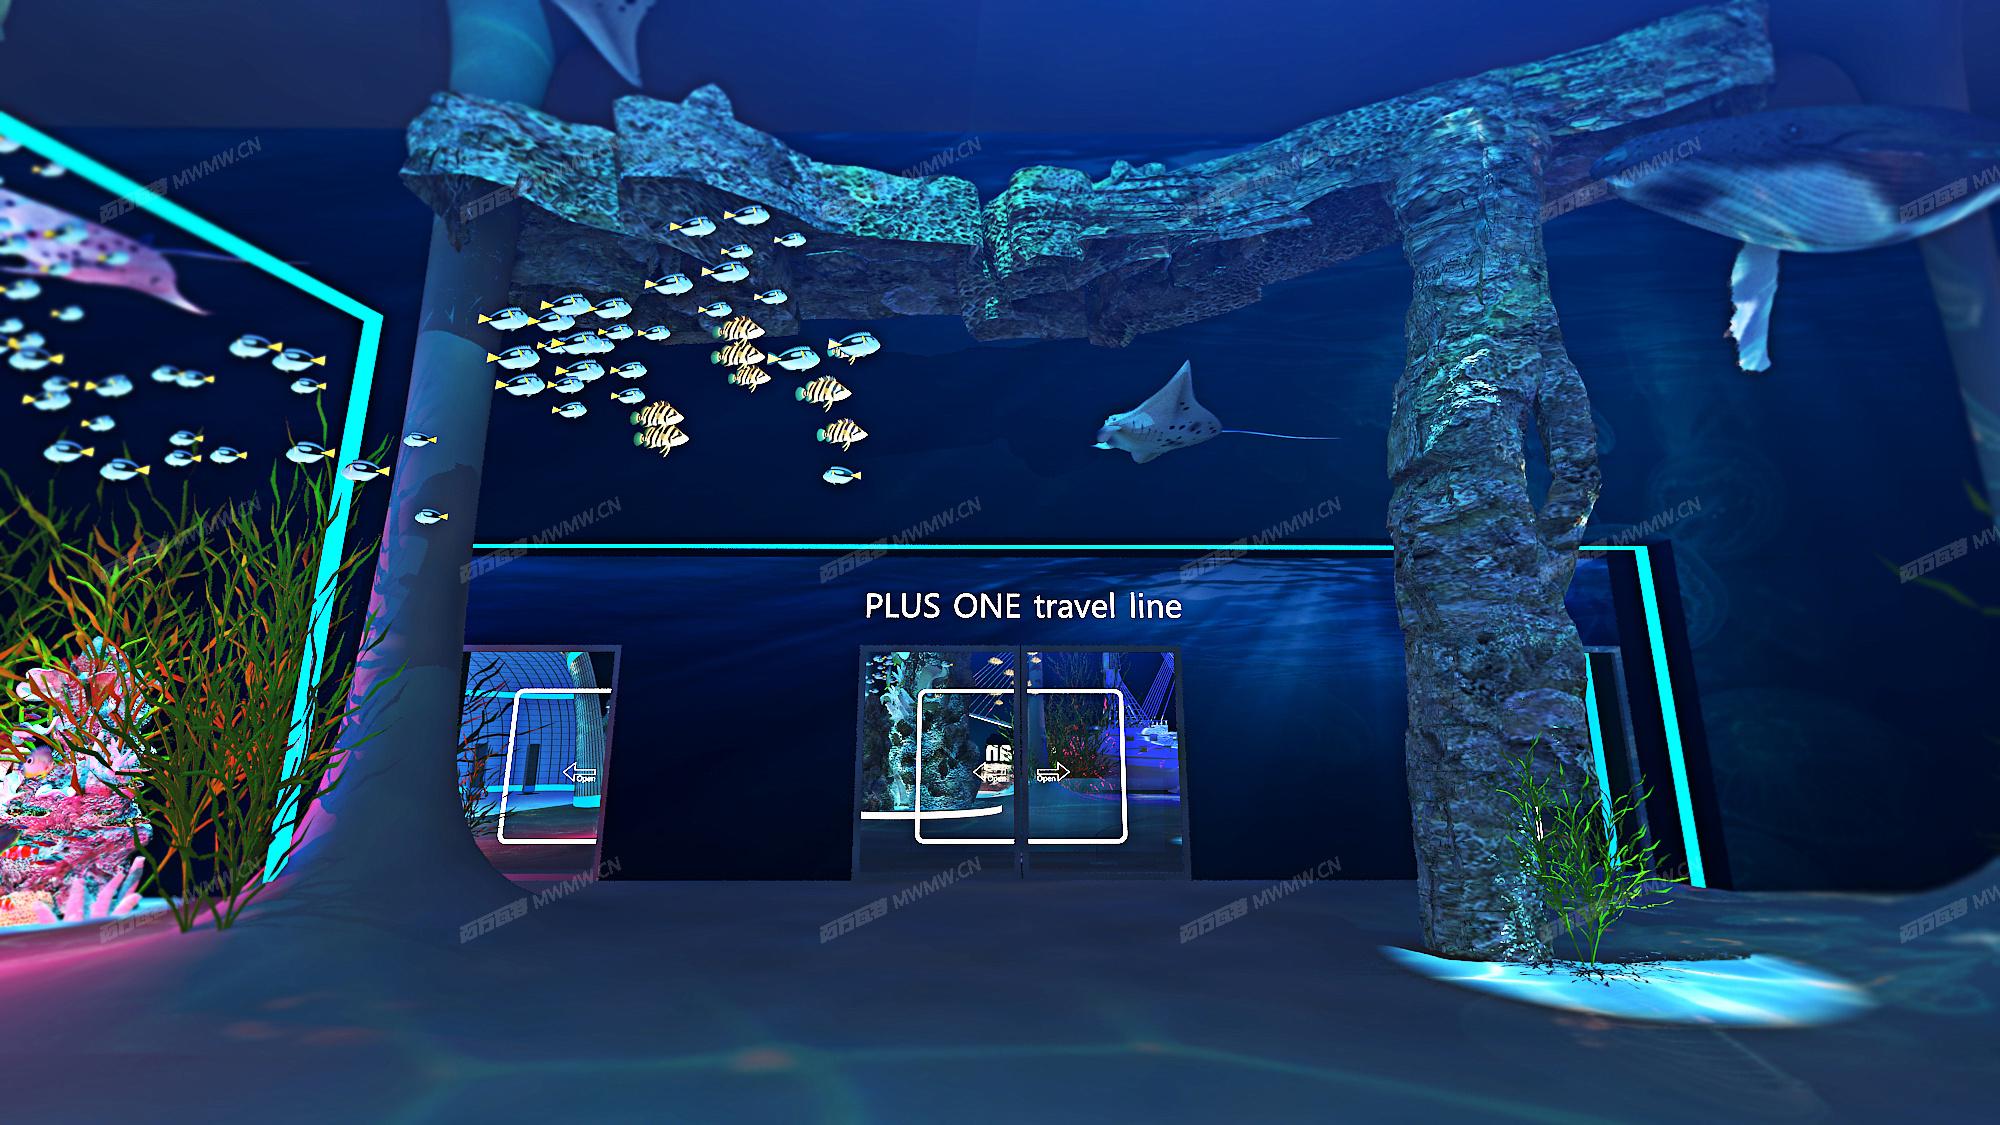 将整场打造成海底世界,我们⼀起继续探索新的领域,迎接新的未来。